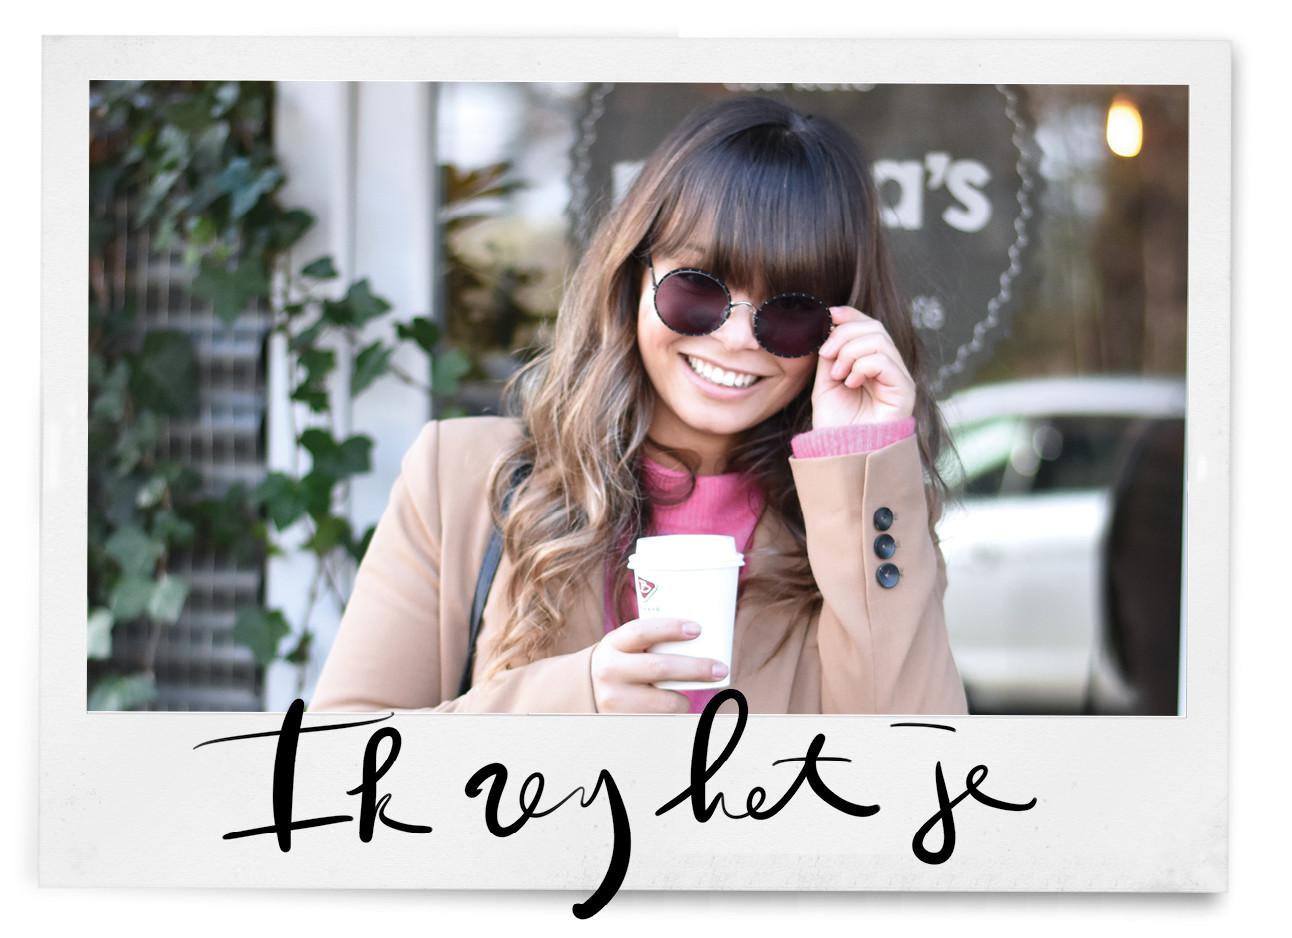 Kiki die met een zonnebril buiten staat en een roze trui draagt